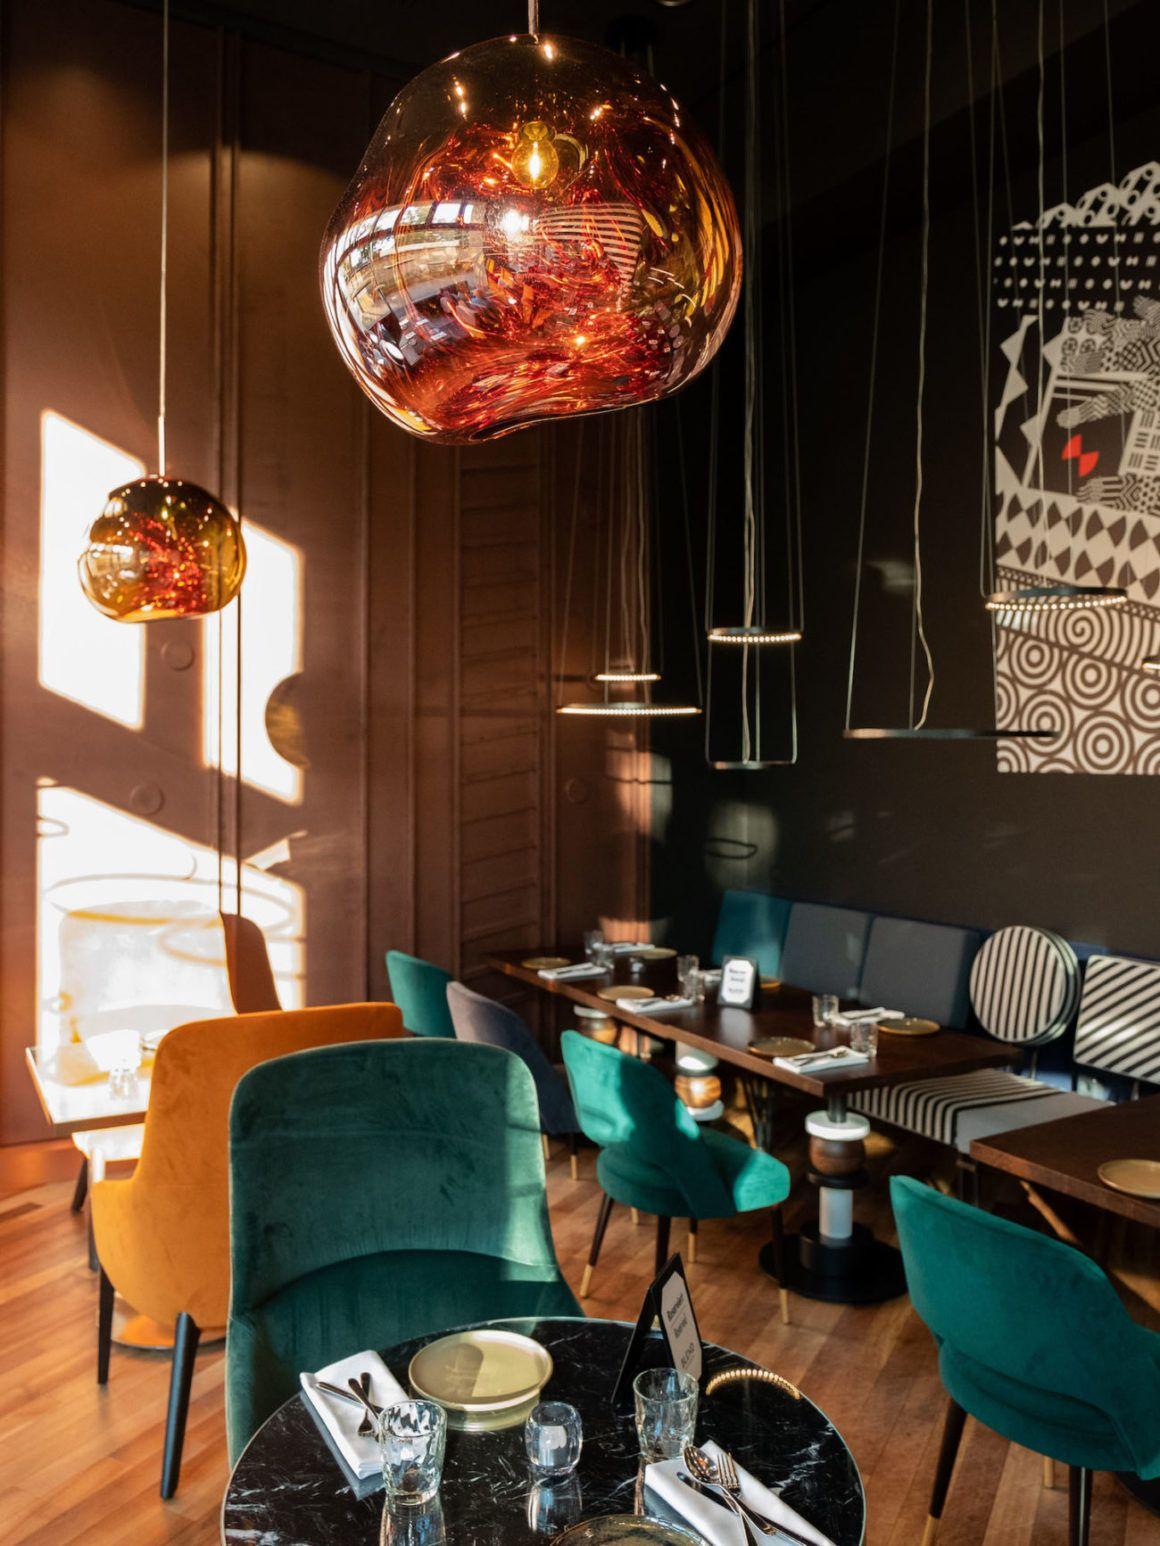 Foodblog Blend Berlin Interieur Lampe